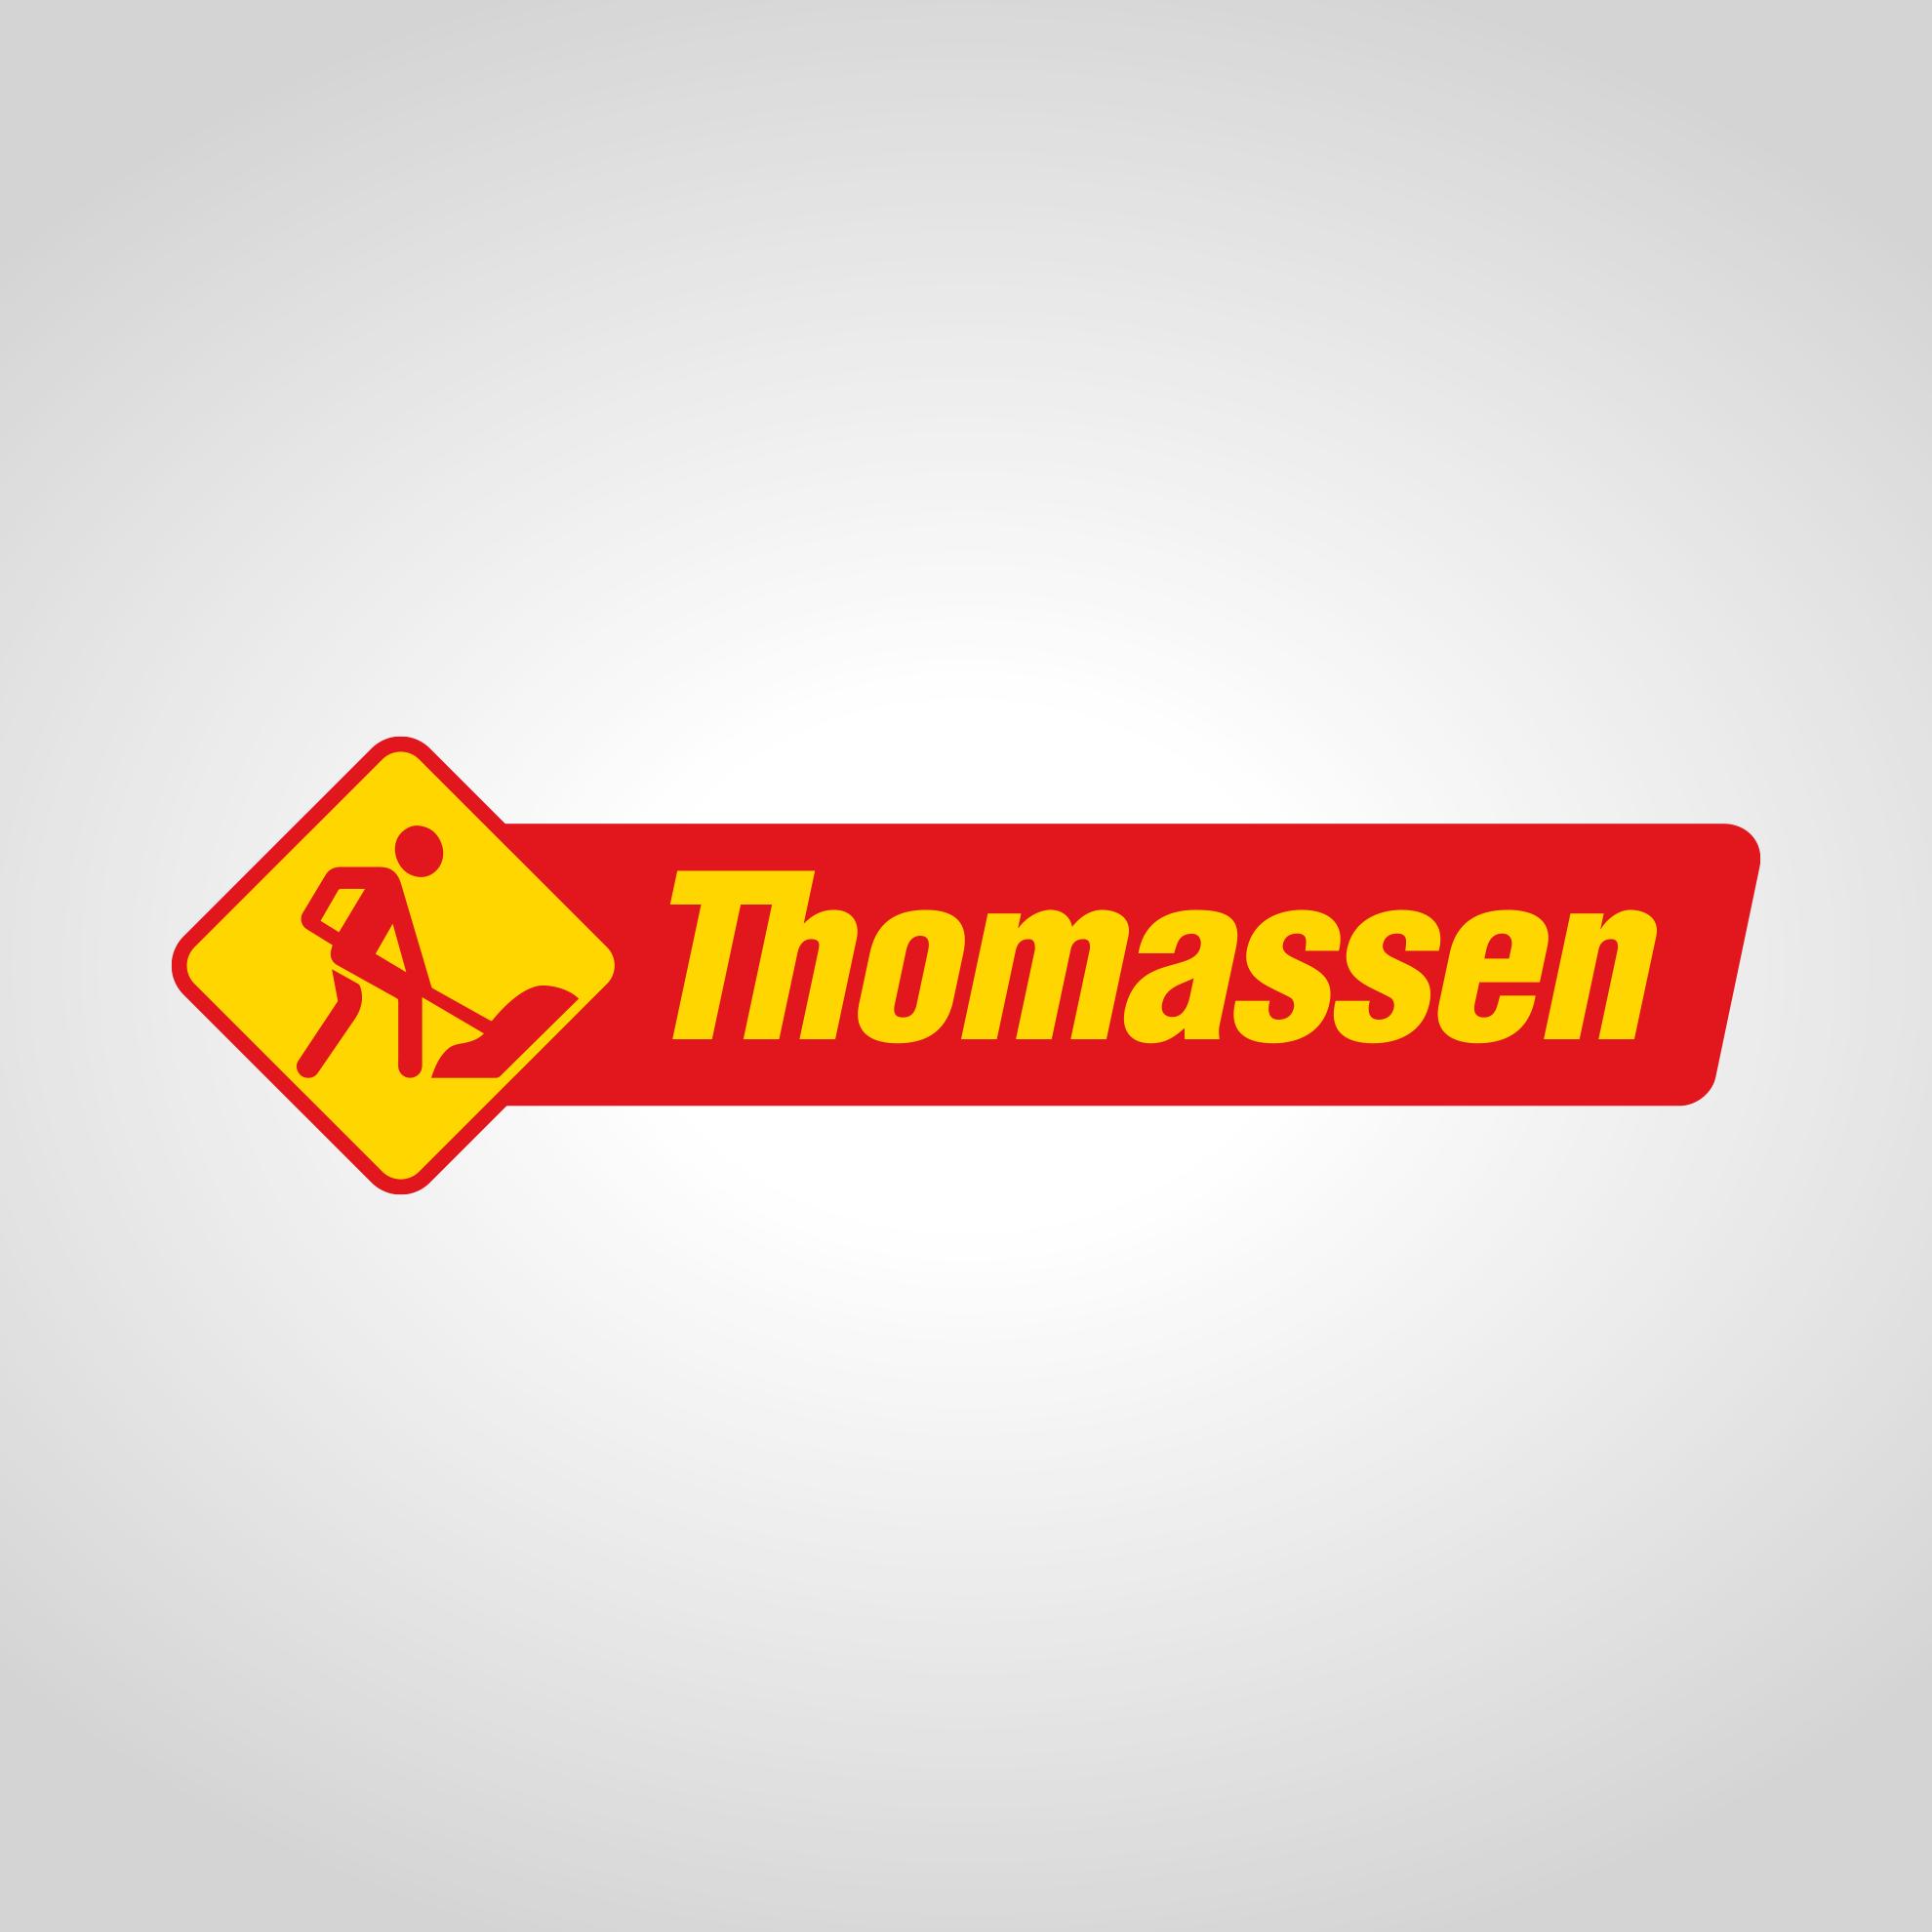 thomassen | Thomassen logo